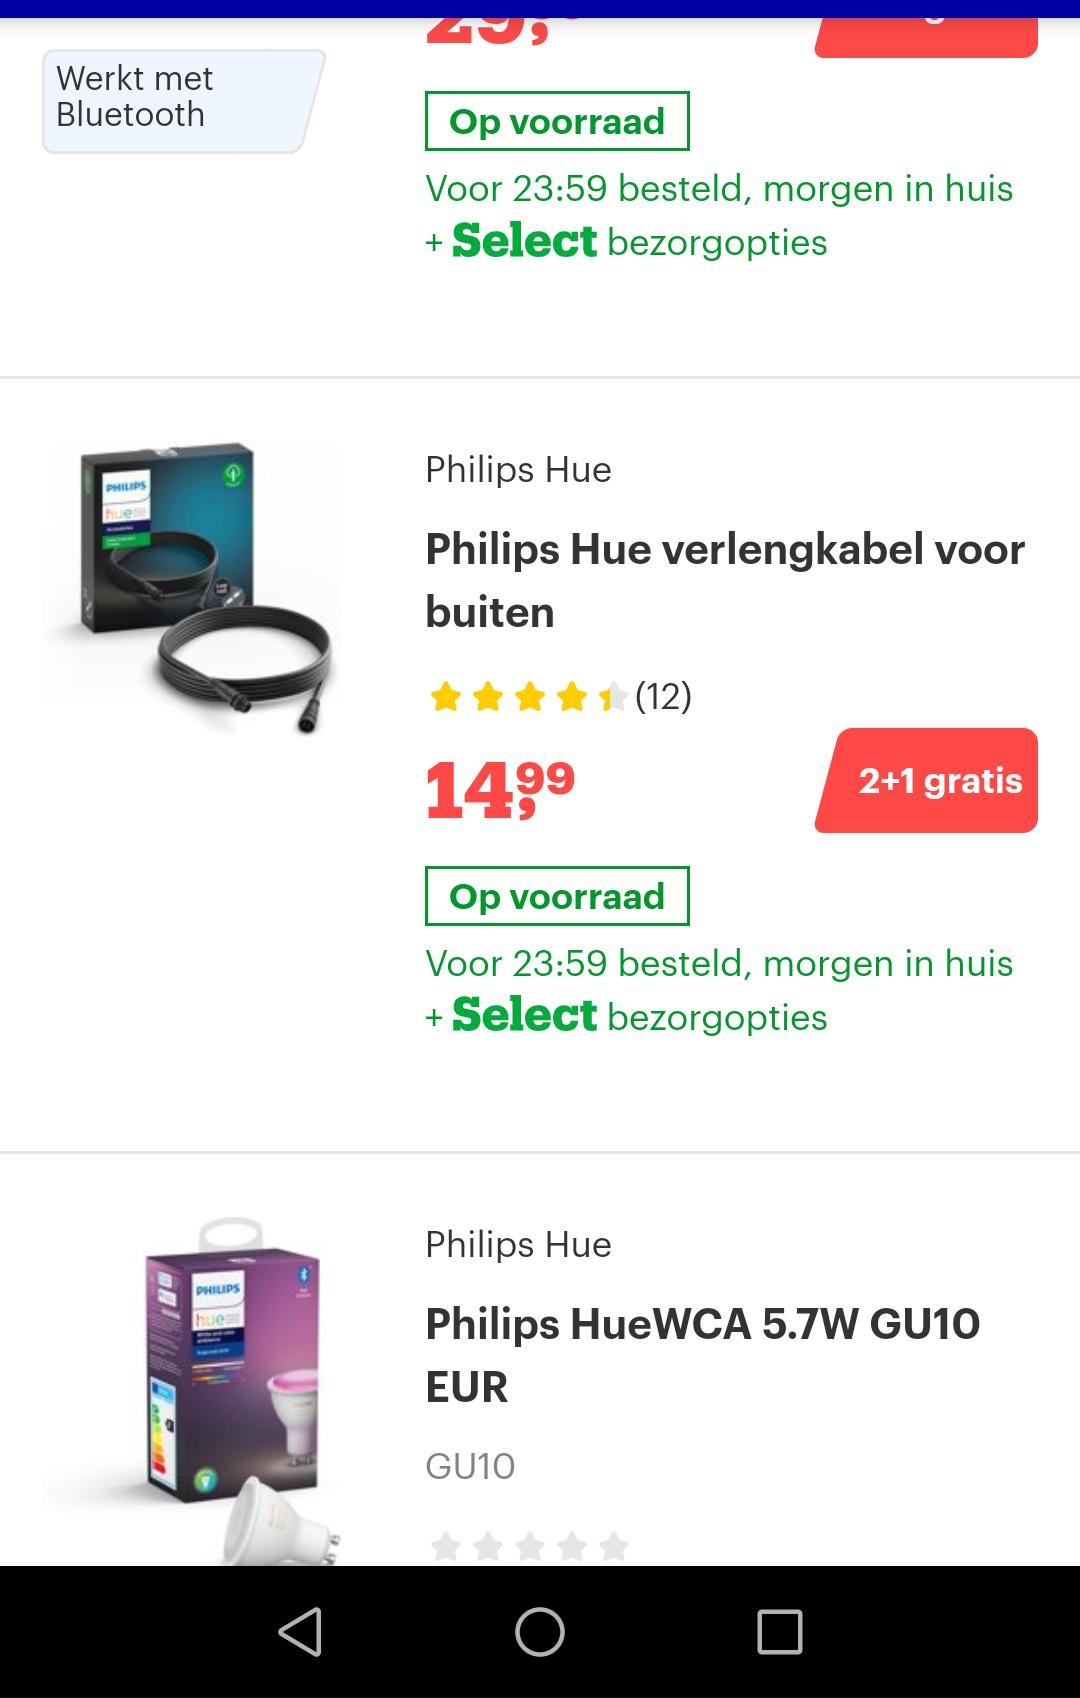 2+1 gratis op veel Philips Hue producten @Bol.com